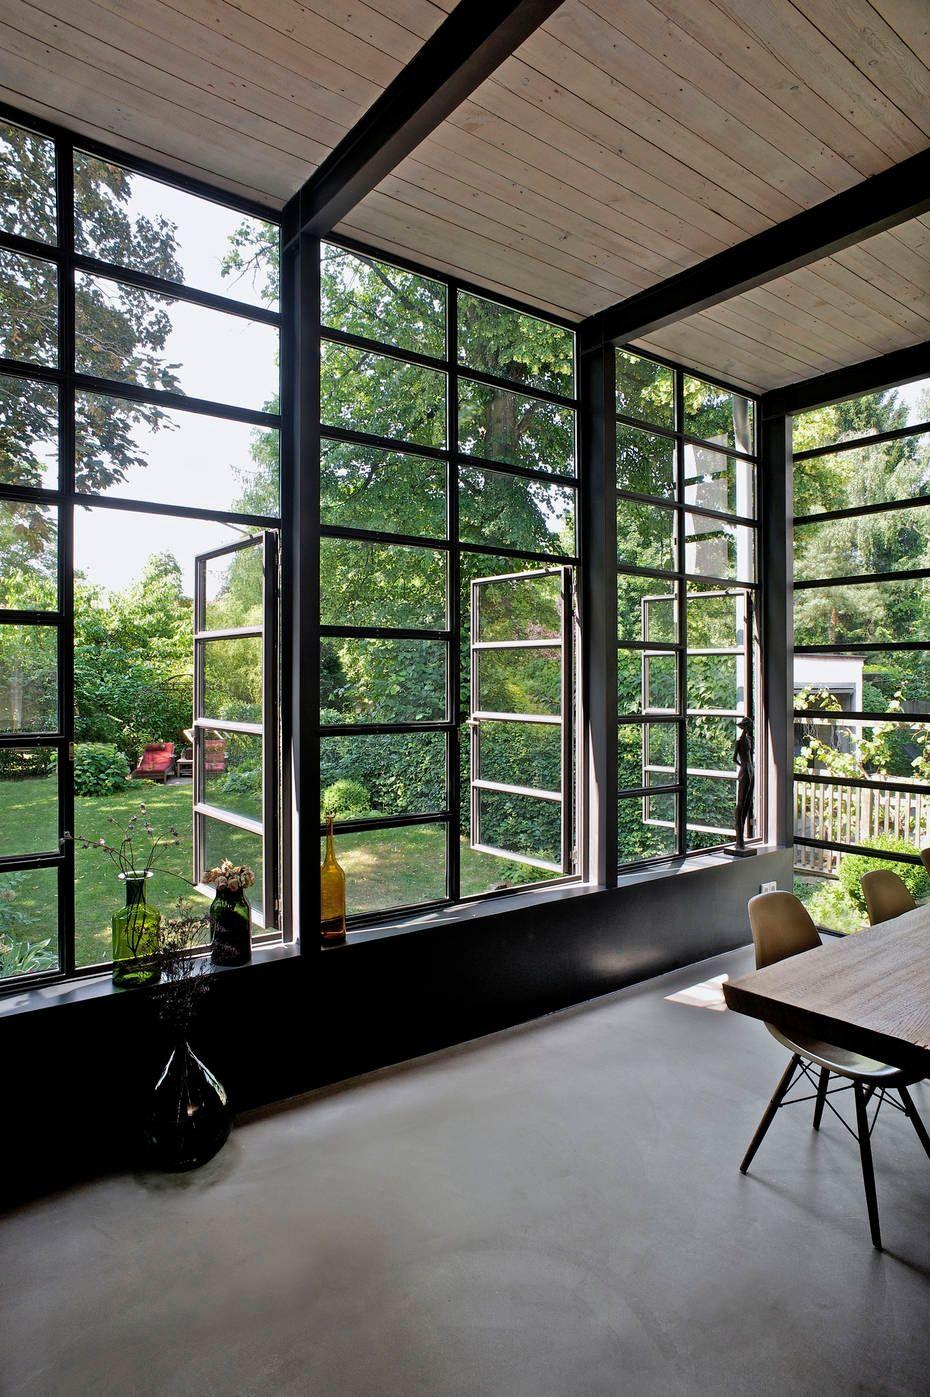 Bilderserie Zu: Immobilien: Das Haus Neu Erfinden Mit Anbauten   Bild 1 Von  3